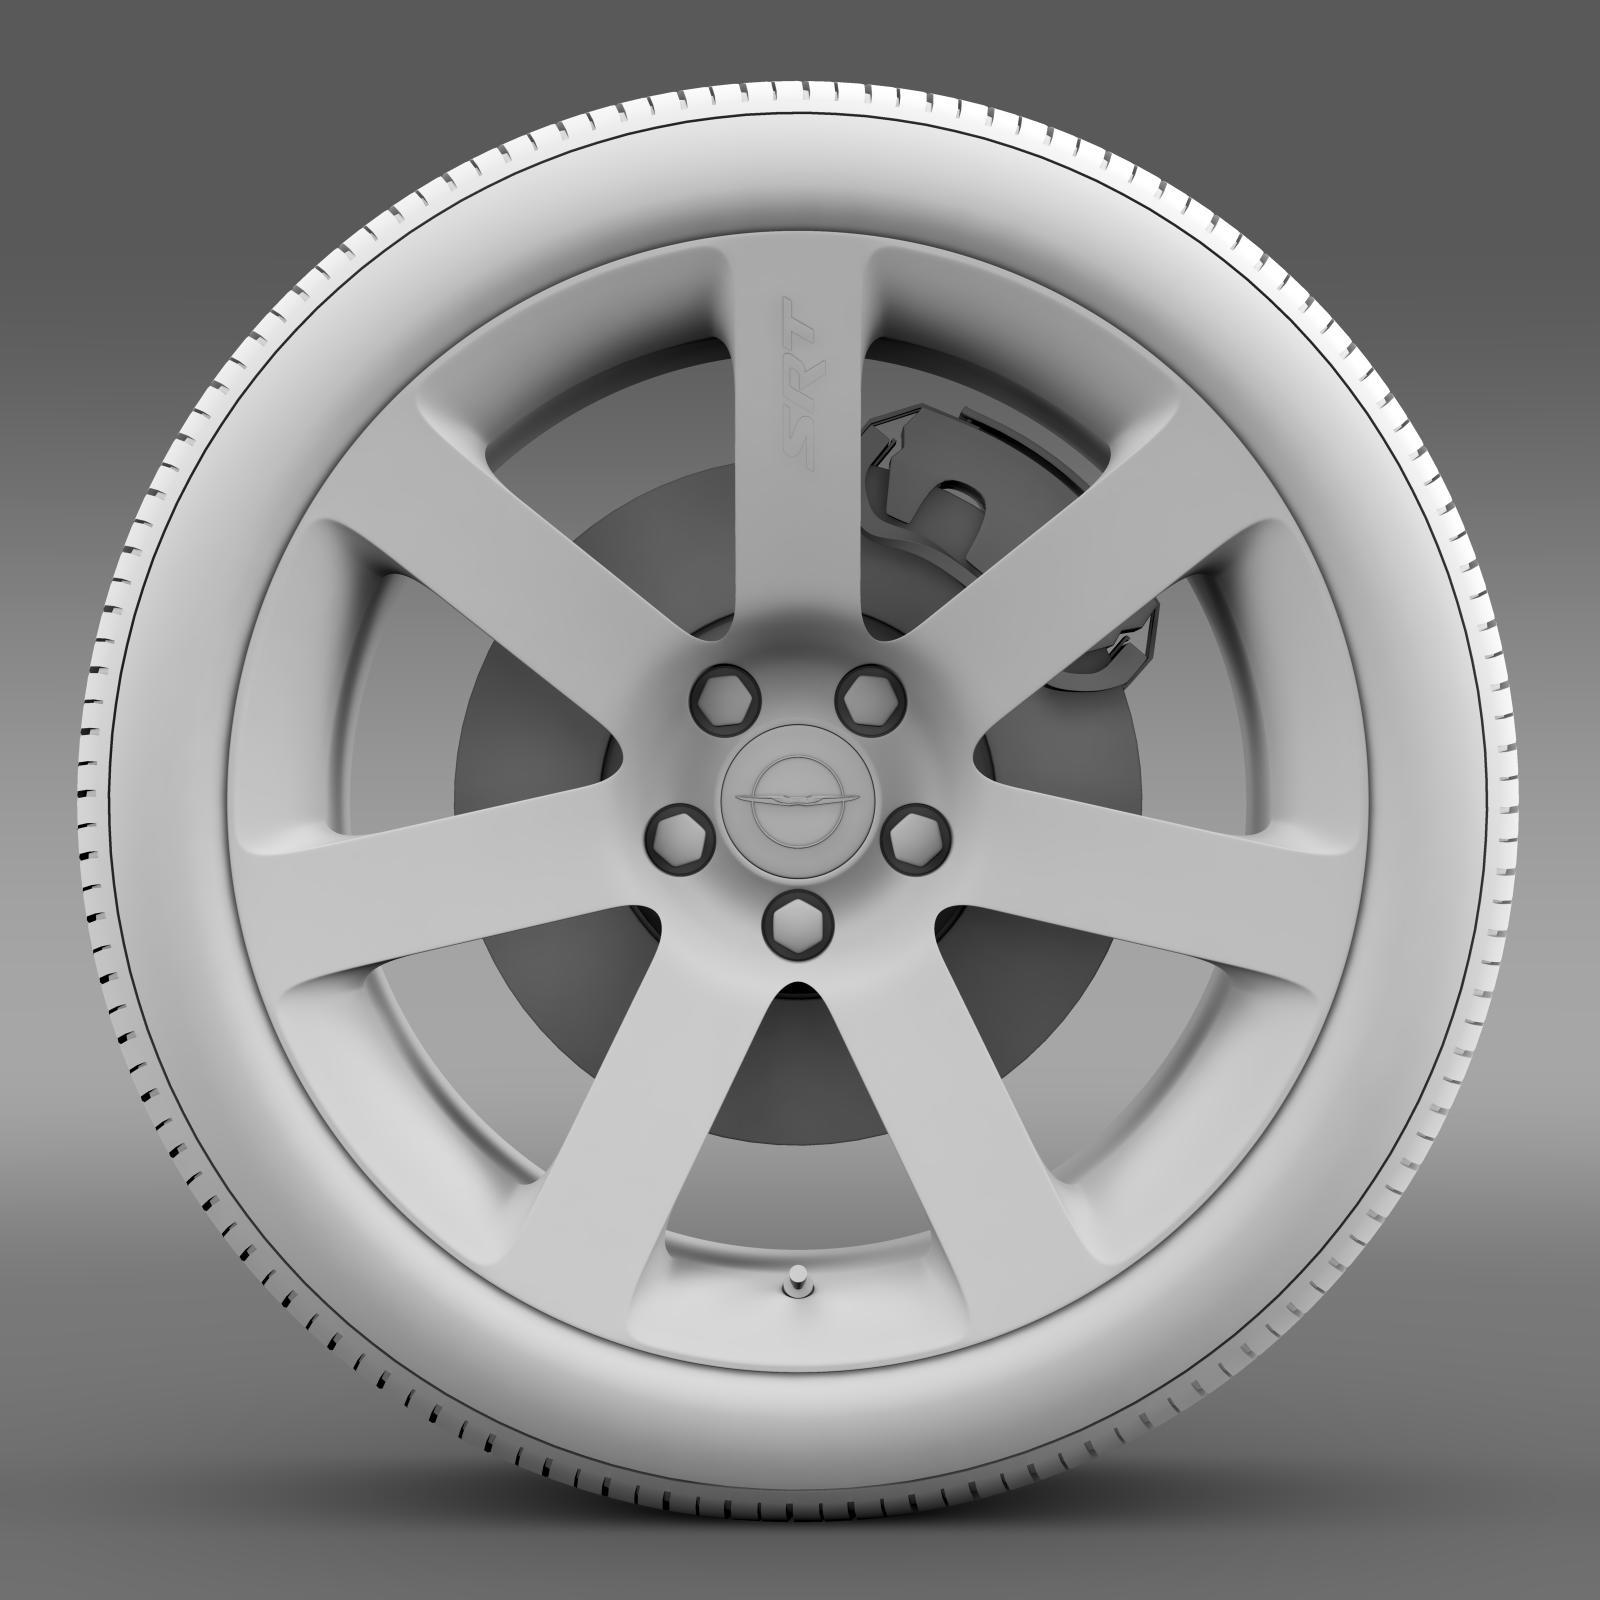 chrysler 300 srt8 wheel 3d model 3ds max fbx c4d lwo ma mb hrc xsi obj 210661